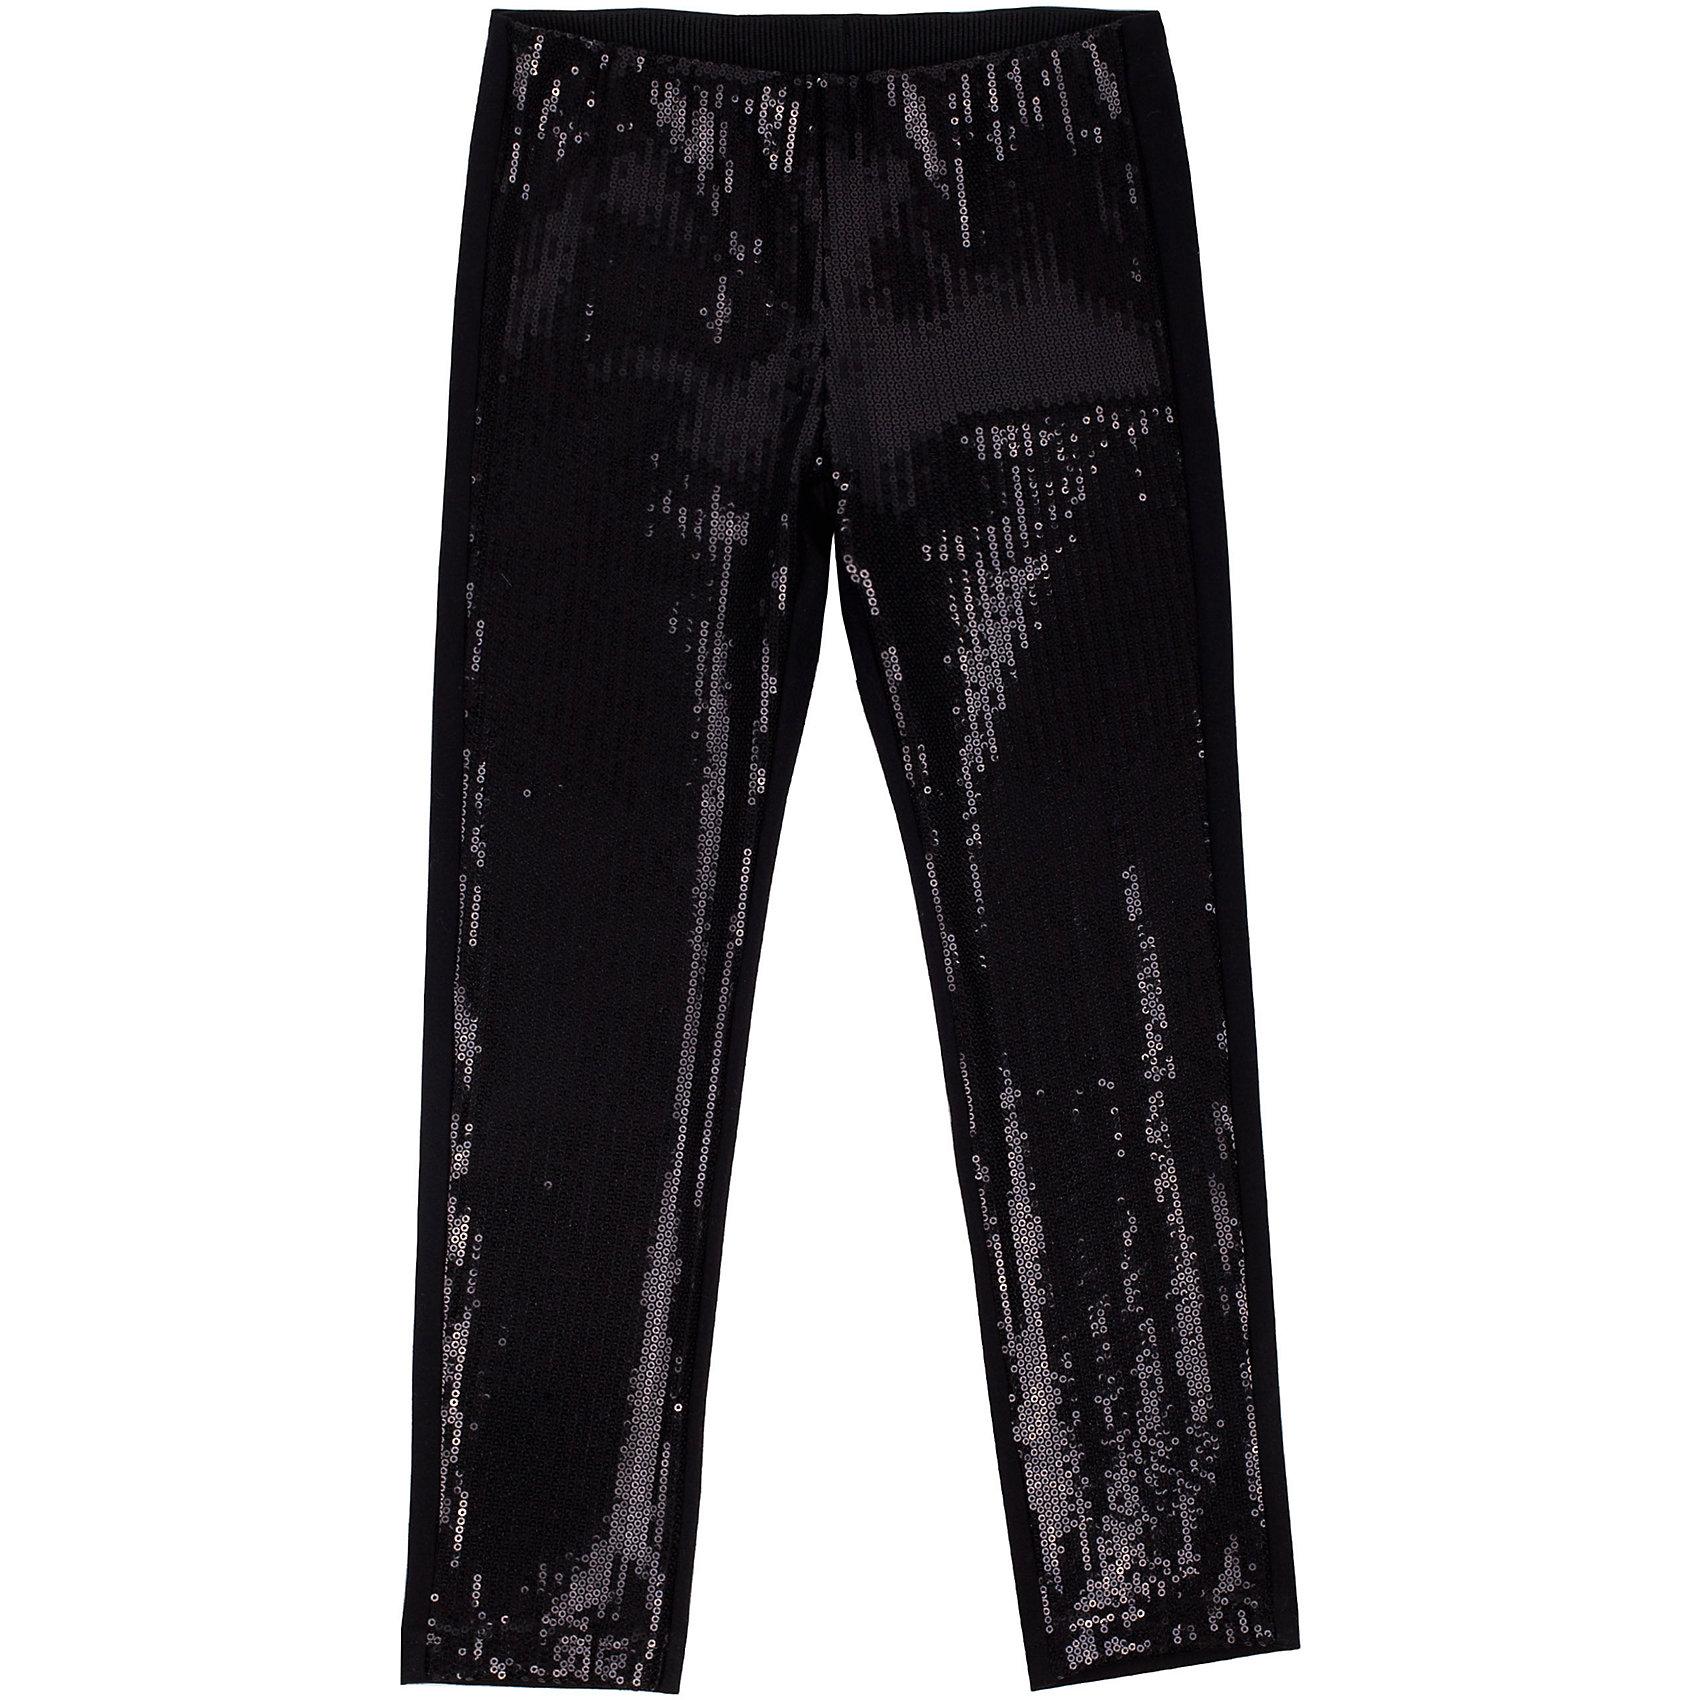 Брюки для девочки GulliverЛеггинсы<br>Брюки для девочки от известного бренда Gulliver.<br>Модные брюки, передняя часть которых расшита сияющими пайетками - мечта каждой модницы! Они прекрасно дополняют любой светлый топ или блузку, делая образ ярким и даже экстравагантным. Если ваш ребенок любому платью предпочтет брючный комплект, вам стоит купить черные брюки с блестящими пайетками. Брюки создадут праздничное настроение и сделают нарядный образ ребенка интересным и привлекательным.<br>Состав:<br>верх: 100% полиэстер/ 24% вискоза 72% полиэстер 4% эластан; подкладка: 95% хлопок 5% эластан<br><br>Ширина мм: 215<br>Глубина мм: 88<br>Высота мм: 191<br>Вес г: 336<br>Цвет: черный<br>Возраст от месяцев: 24<br>Возраст до месяцев: 36<br>Пол: Женский<br>Возраст: Детский<br>Размер: 98,104,110,116<br>SKU: 5103509